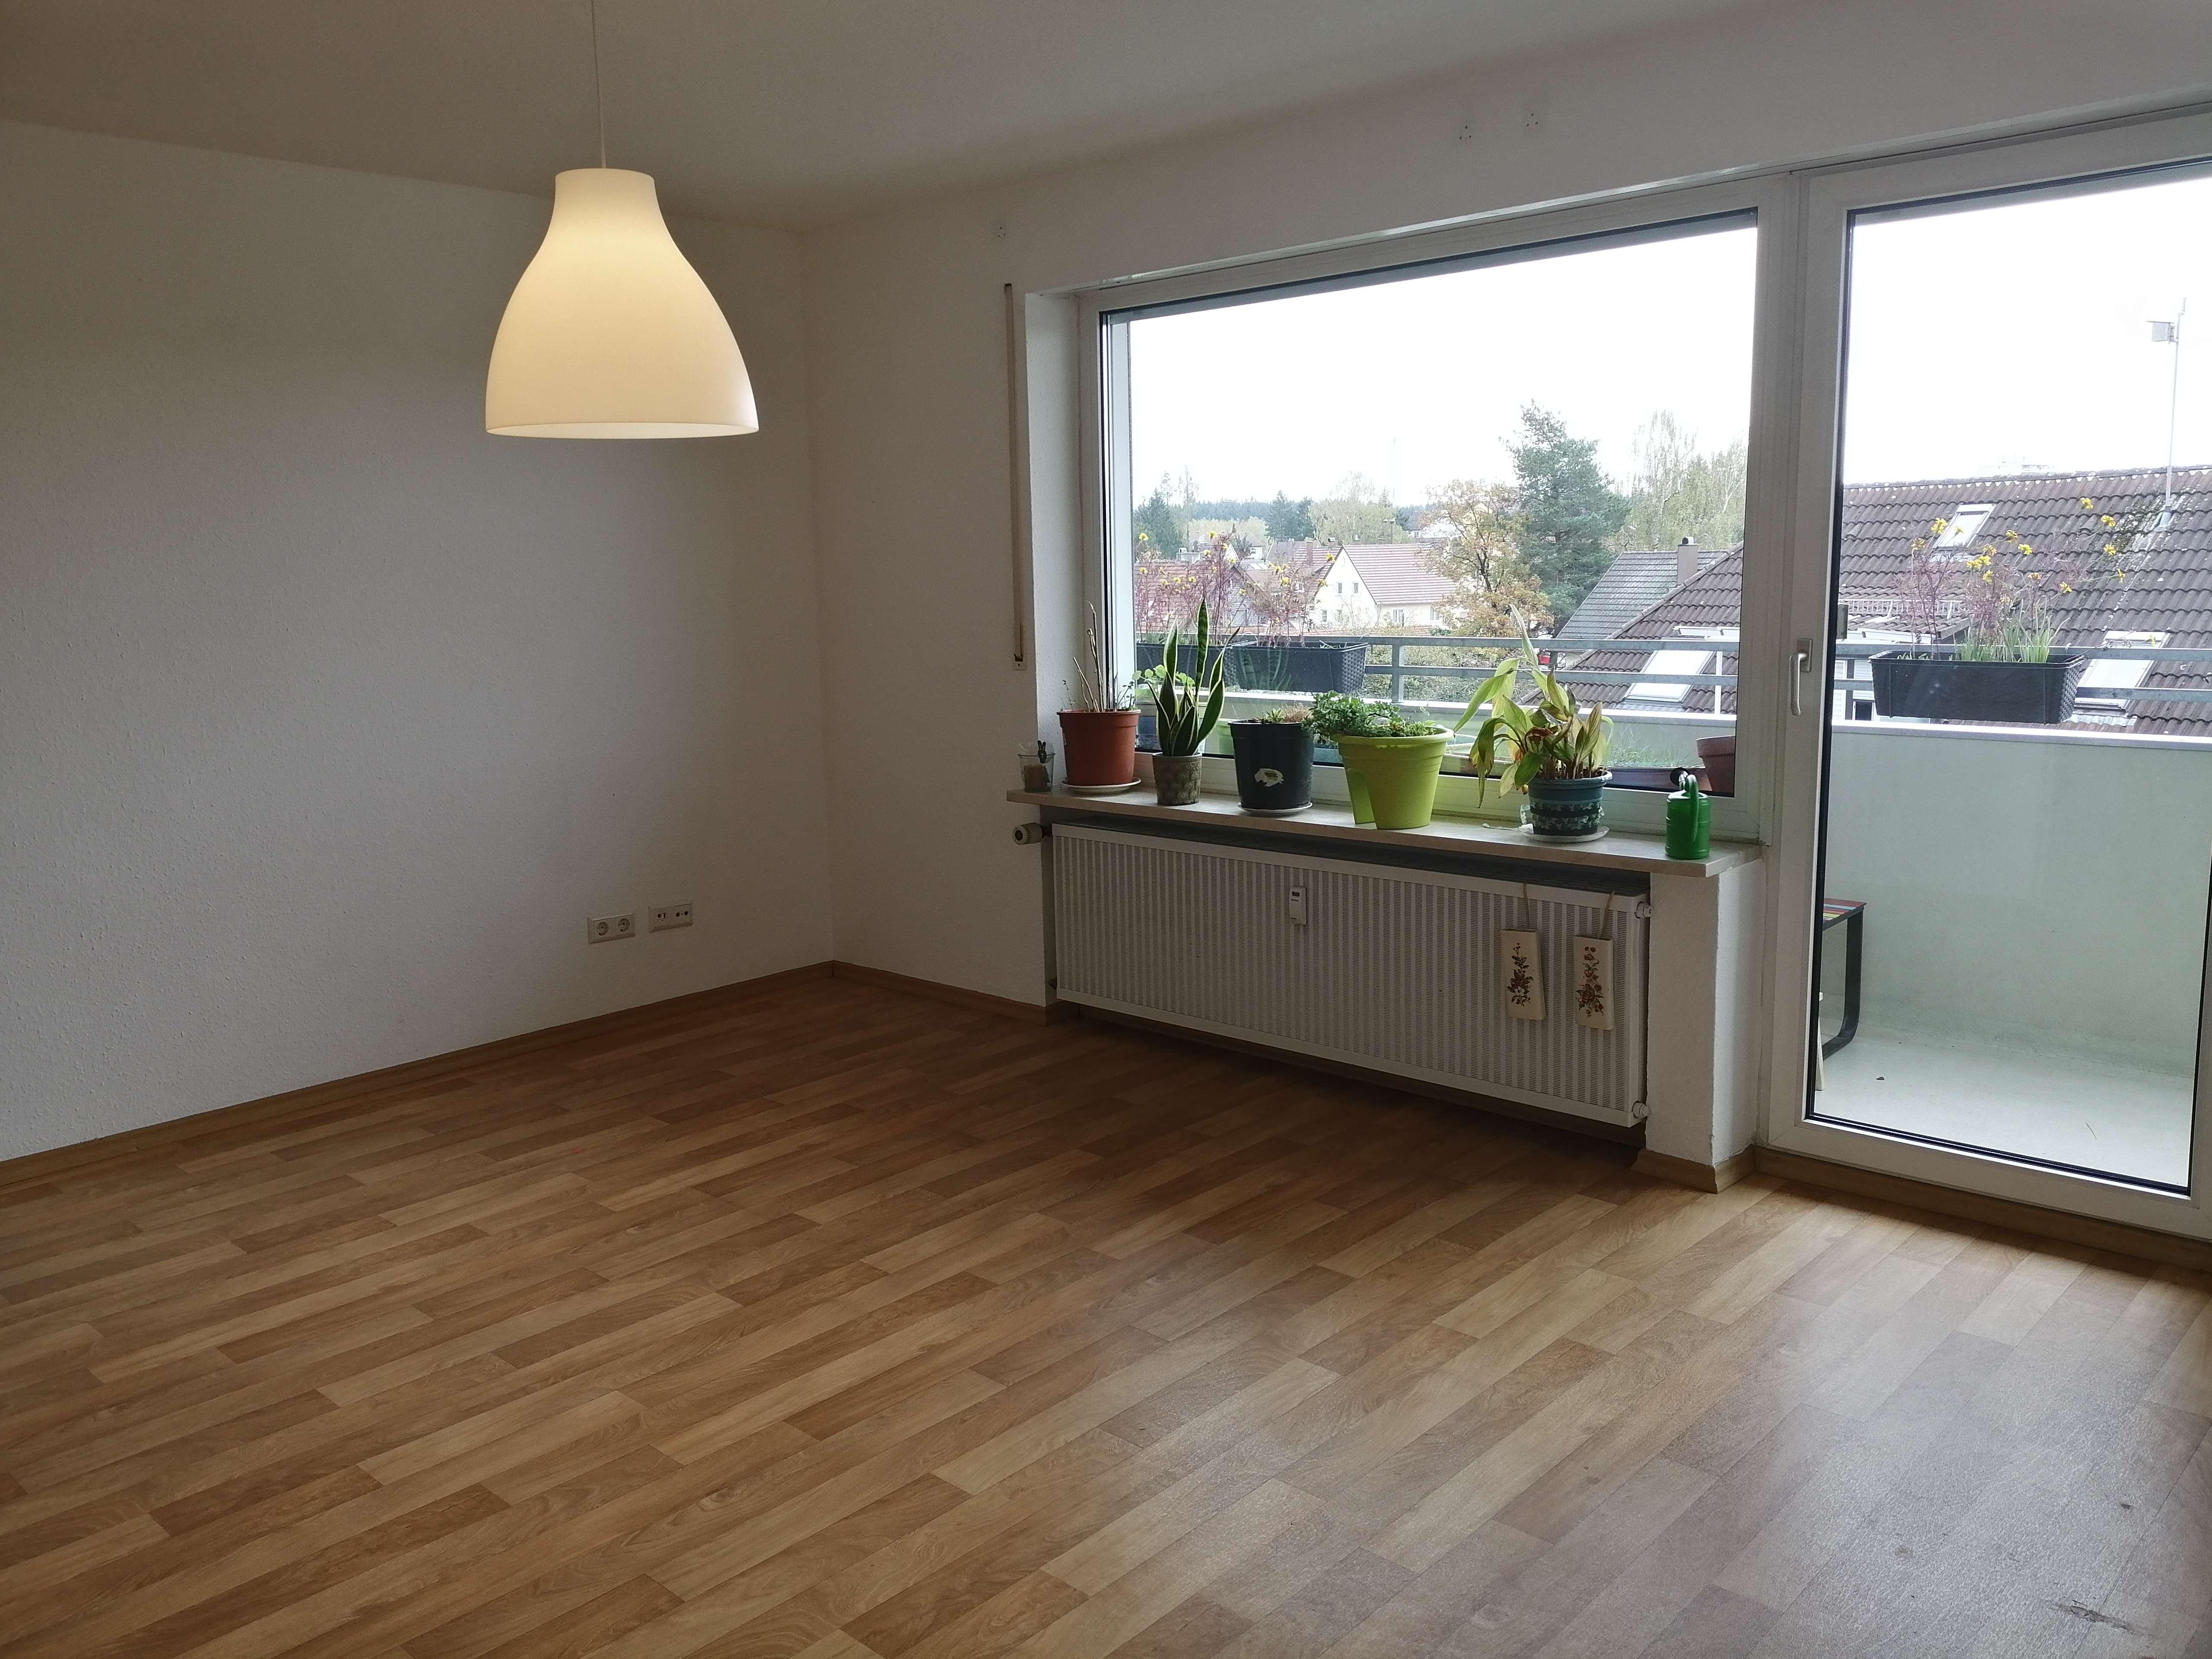 Sehr Helle 3-Zimmerwohnung, zentral gelegen mit niedrigen Nebenkosten in Neugablonz (Kaufbeuren)